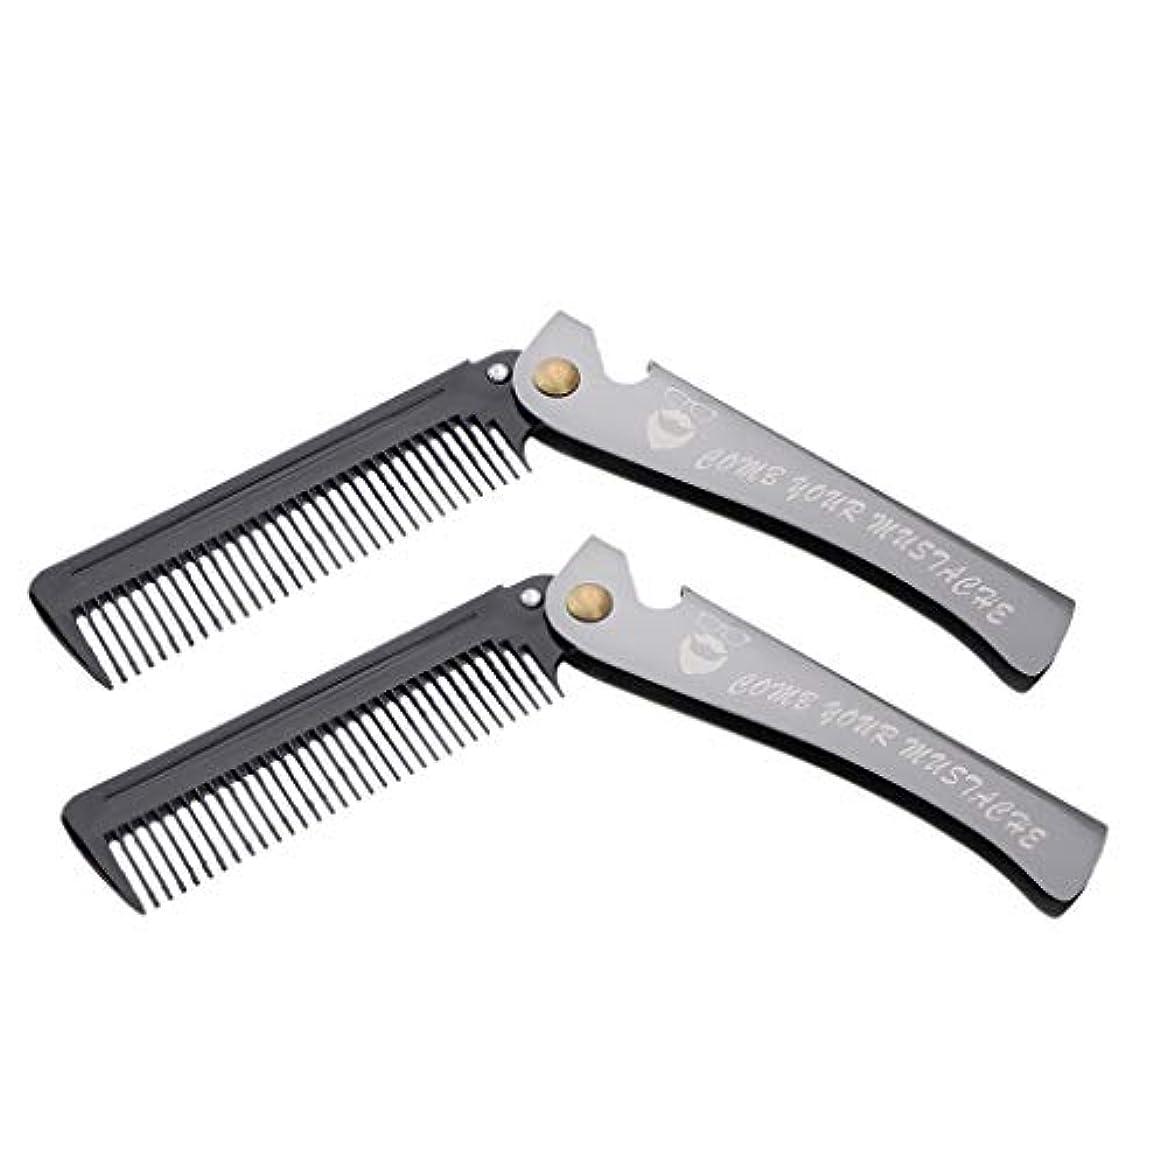 素晴らしきデザイナー連合T TOOYFUL 2本帯電防止折りたたみ髪髭成形コムズポケットスタイリングくし黒